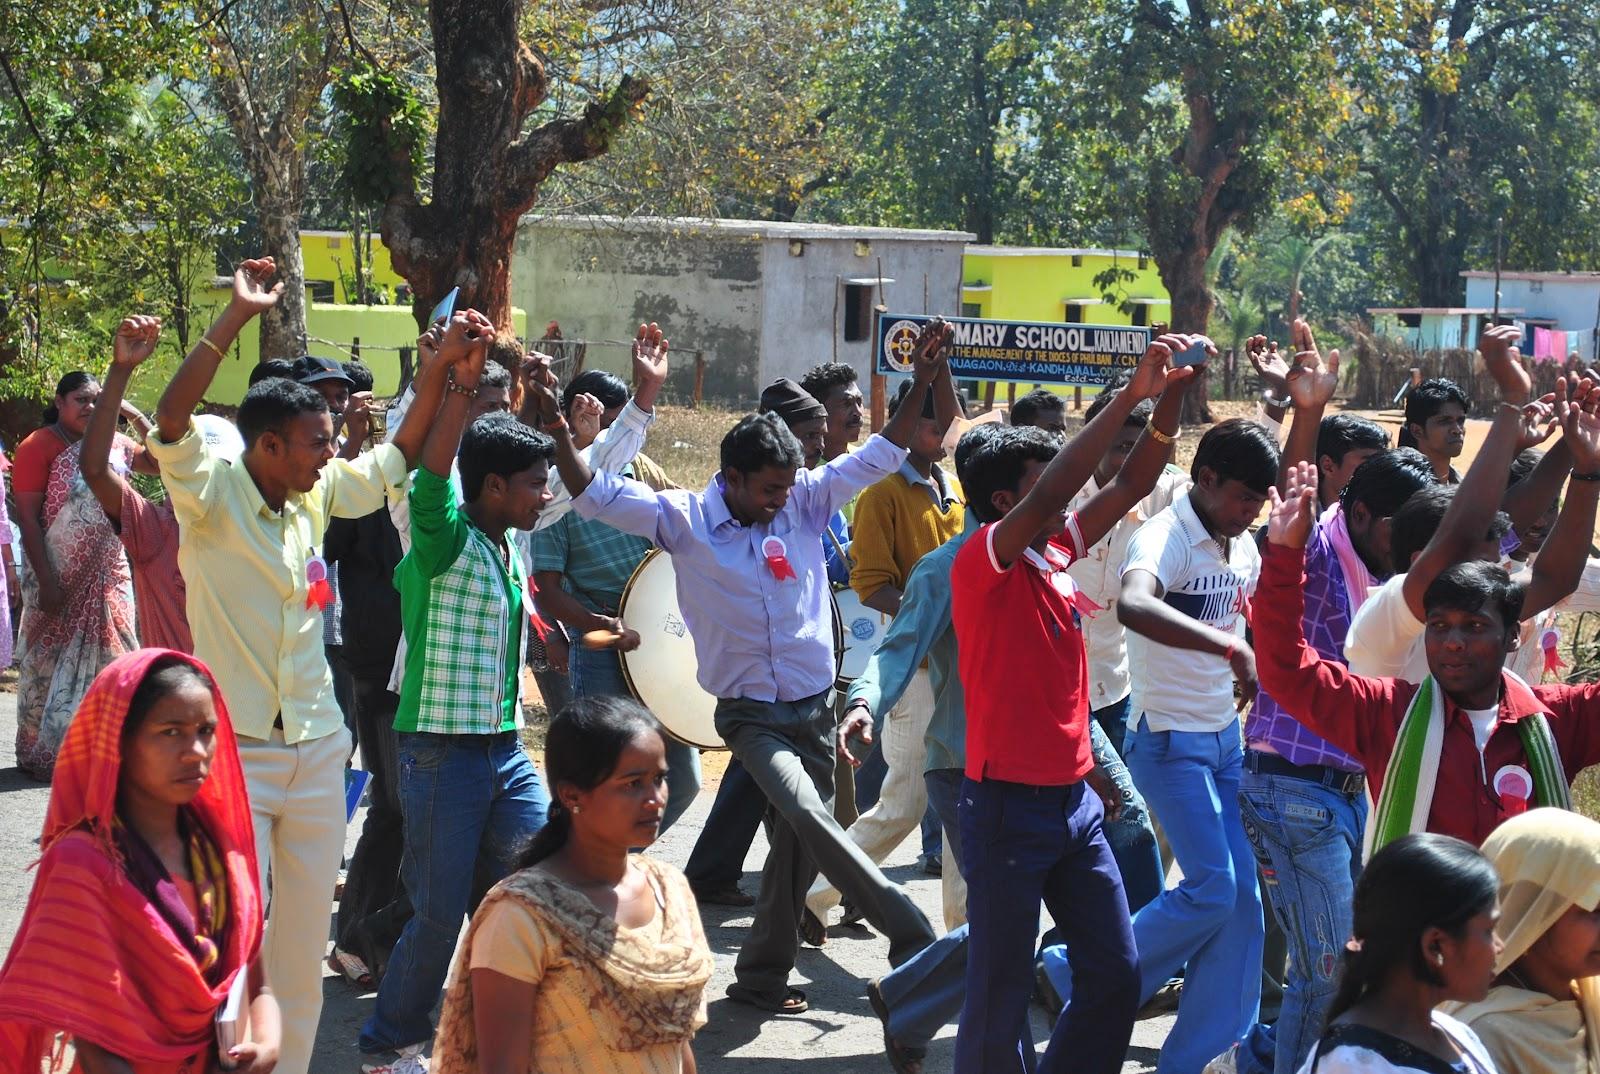 yuva bharat साधन गुप्ता हायस्कुल मुरलीडिह मे युवा भारत की अगुवाई मे शहर के विभिन्न संगठनो की बैठक की गयी । विभाग की जन समस्याओ को लेकर कार्य करने हेतू जनमंच नाम से.